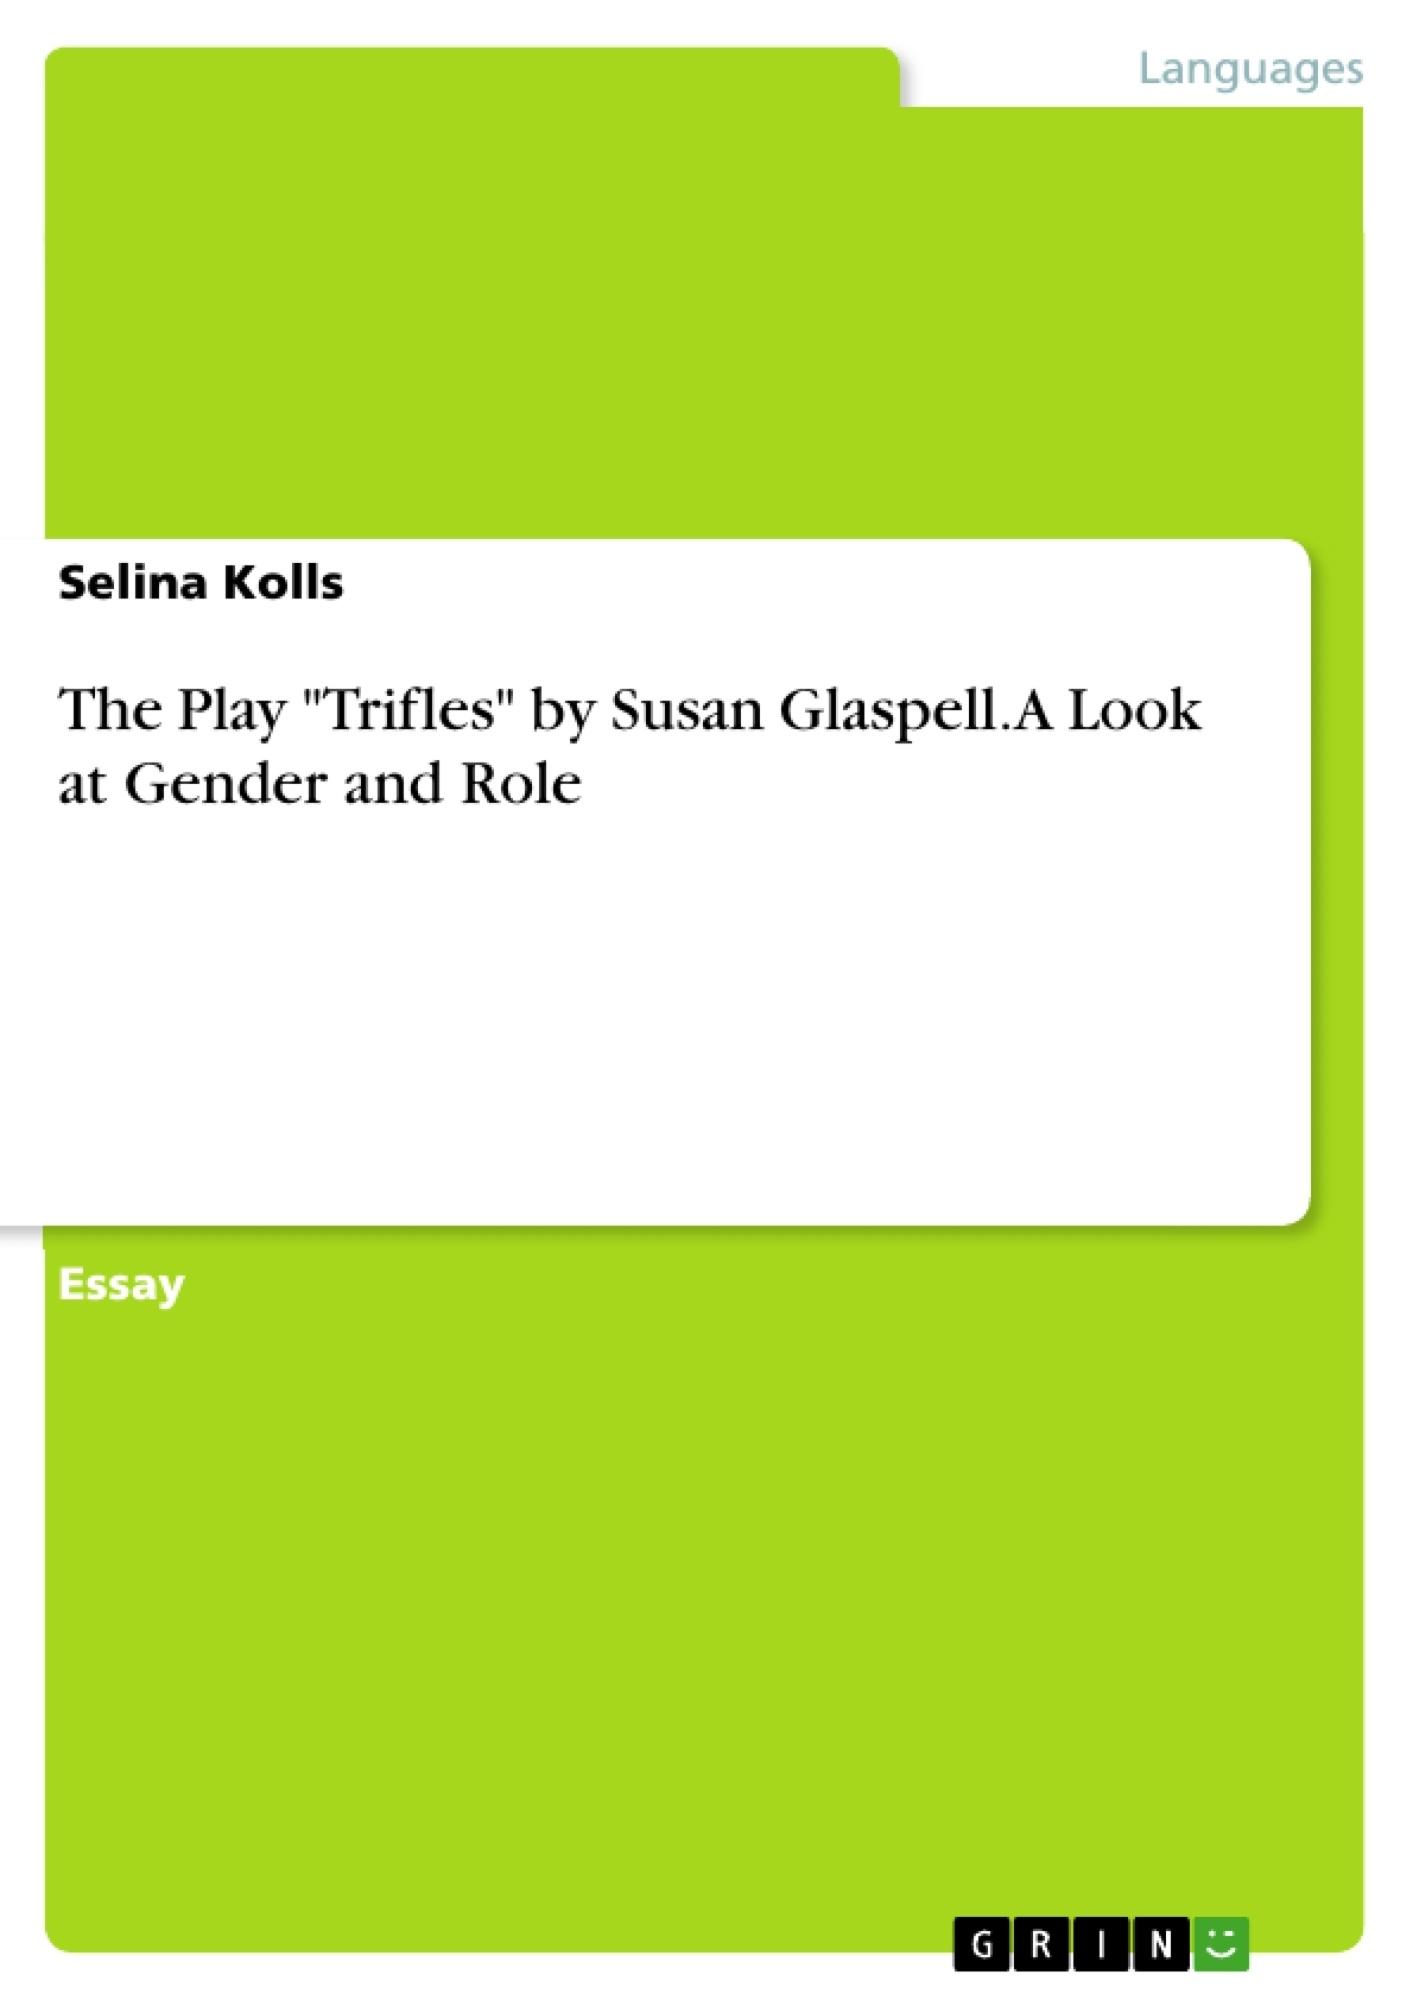 013 Essay Example Trifles 346796 0 Formidable Questions Feminism Topics Full